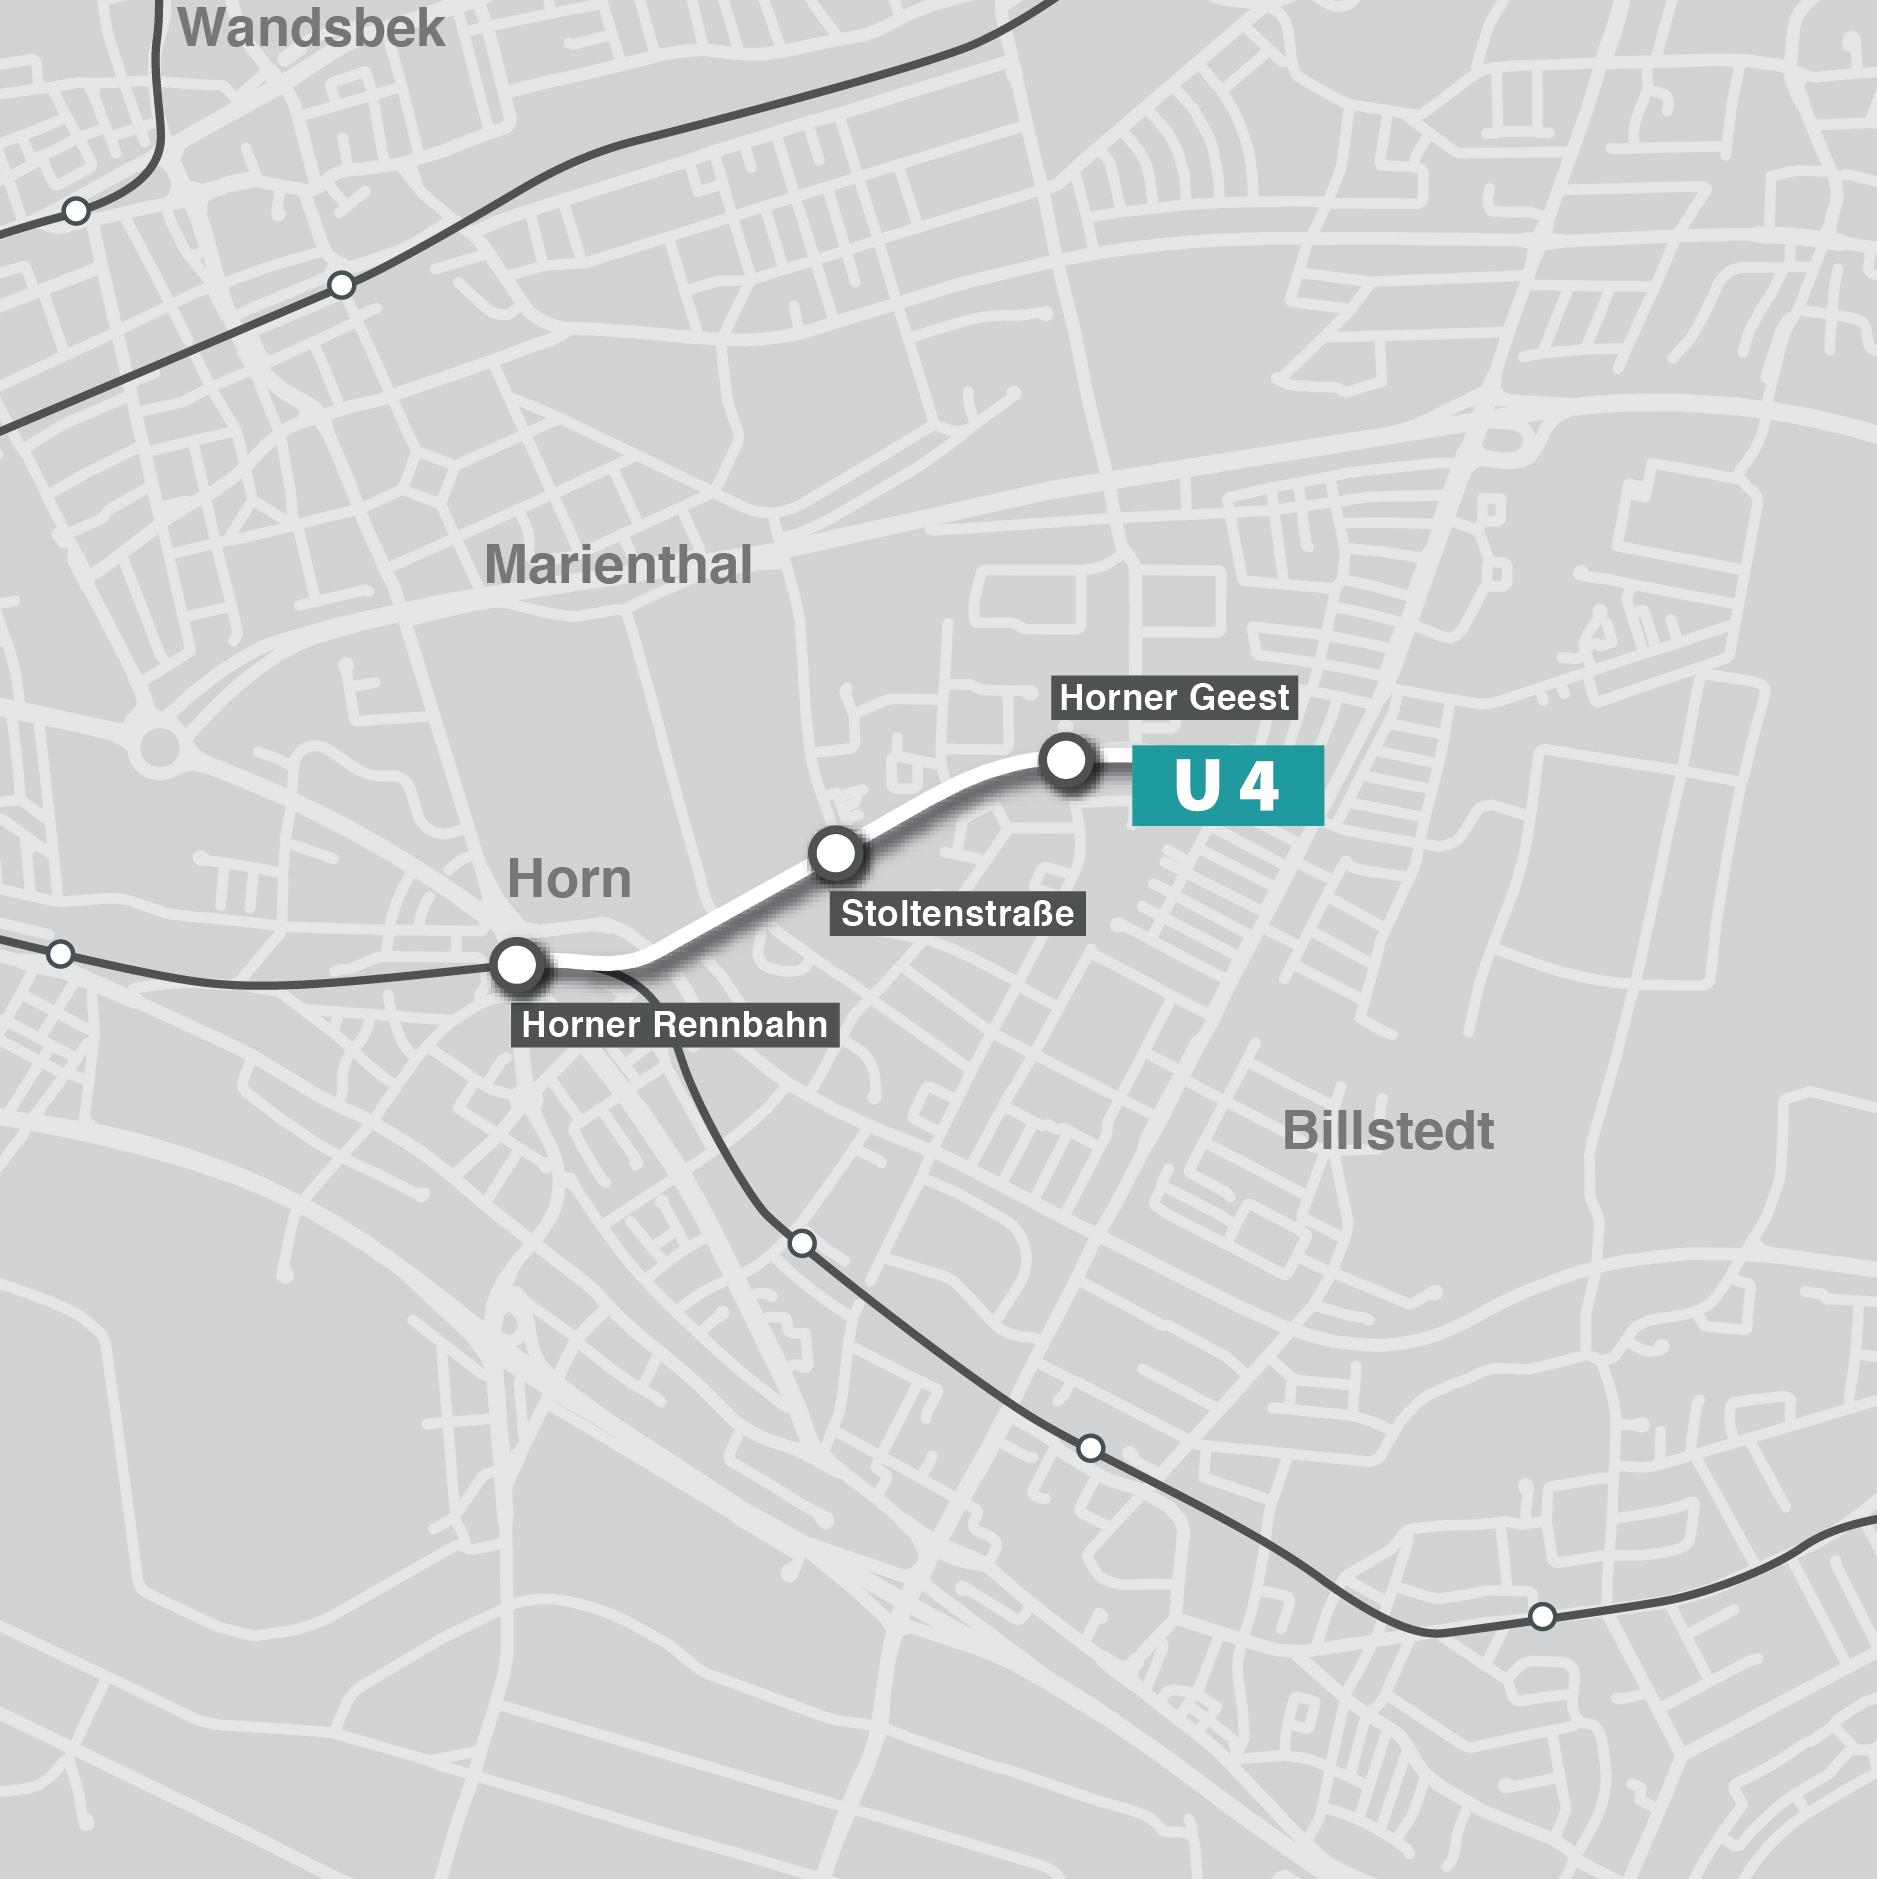 U4-Verlängerung auf die Horner Geest